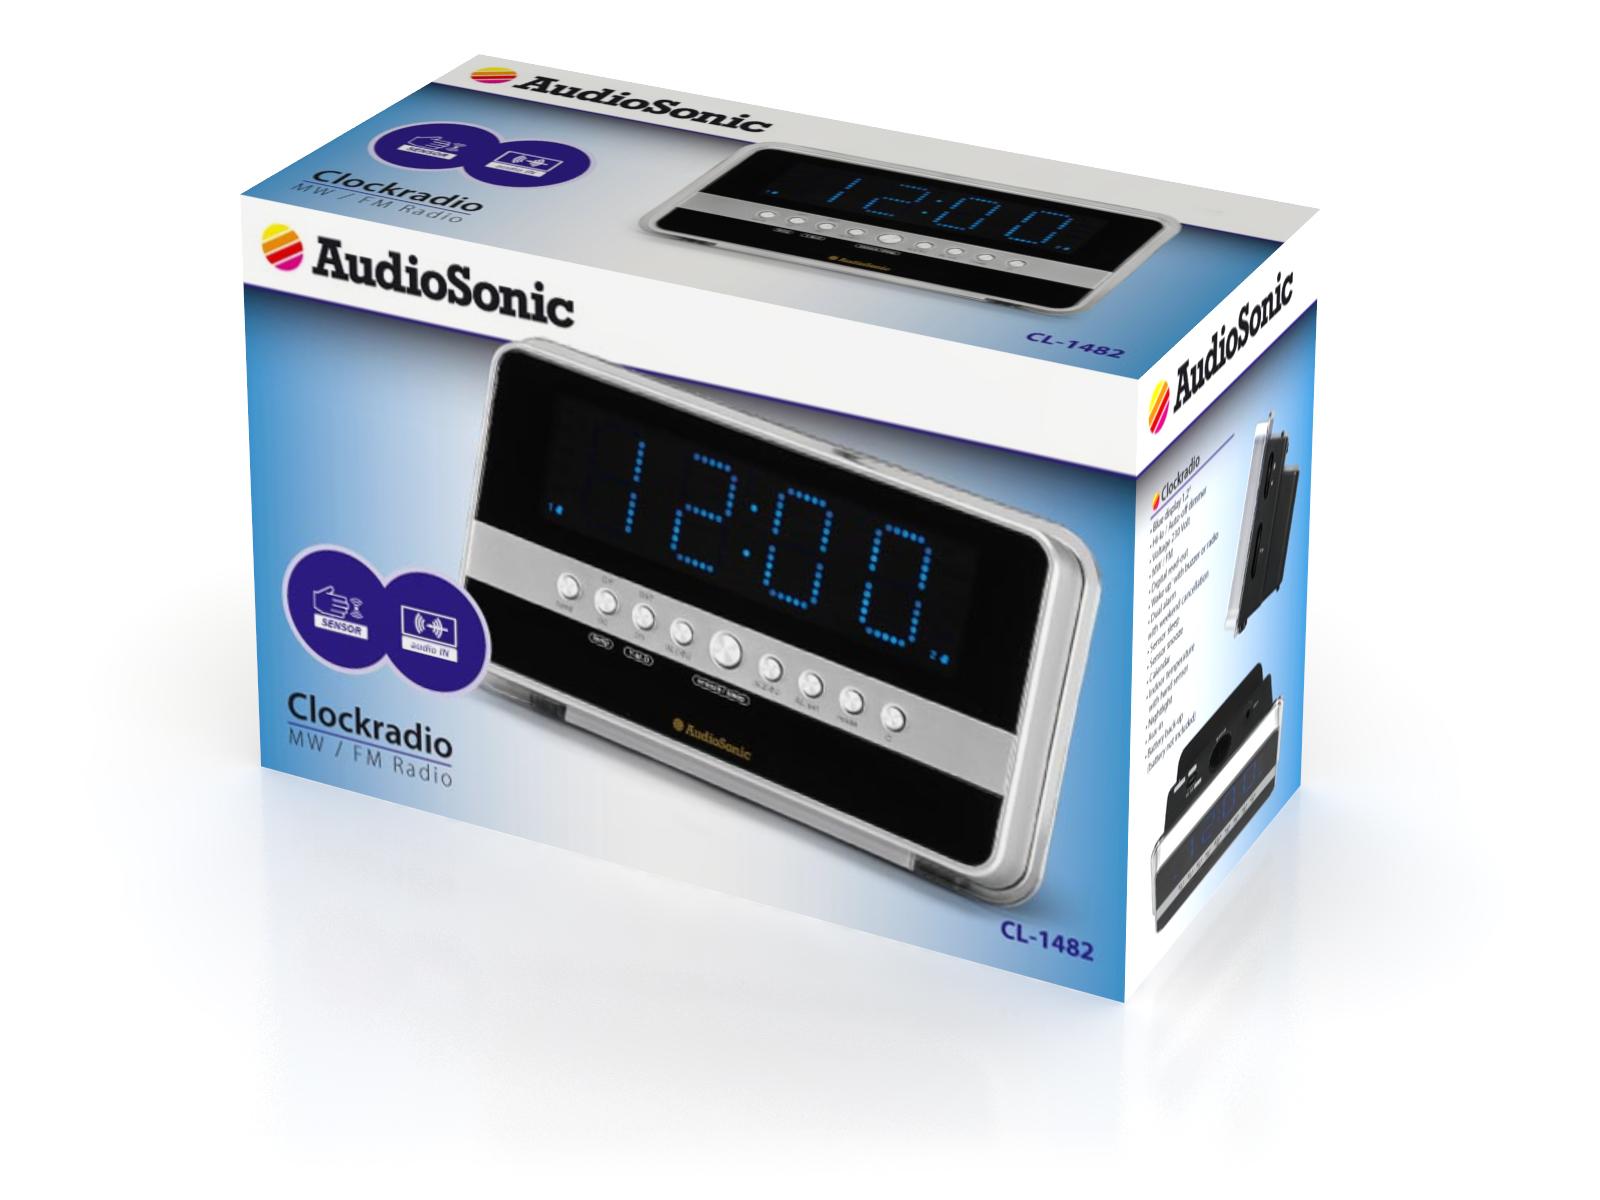 AudioSonic CL-1482 Orologio Analogico Nero, Argento radio